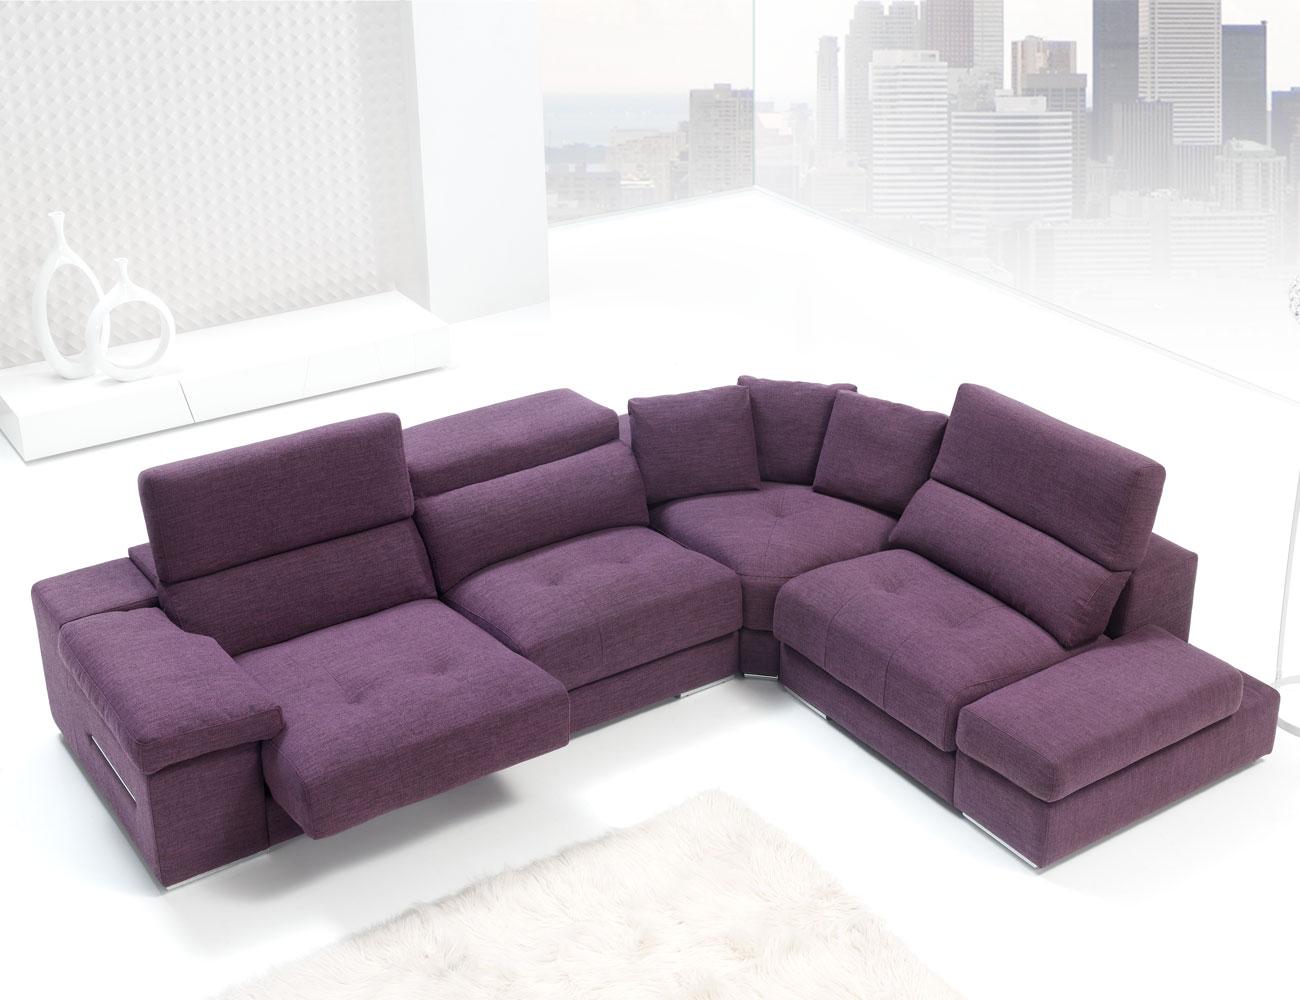 Sofa chaiselongue rincon con brazo mecanico tejido anti manchas 235